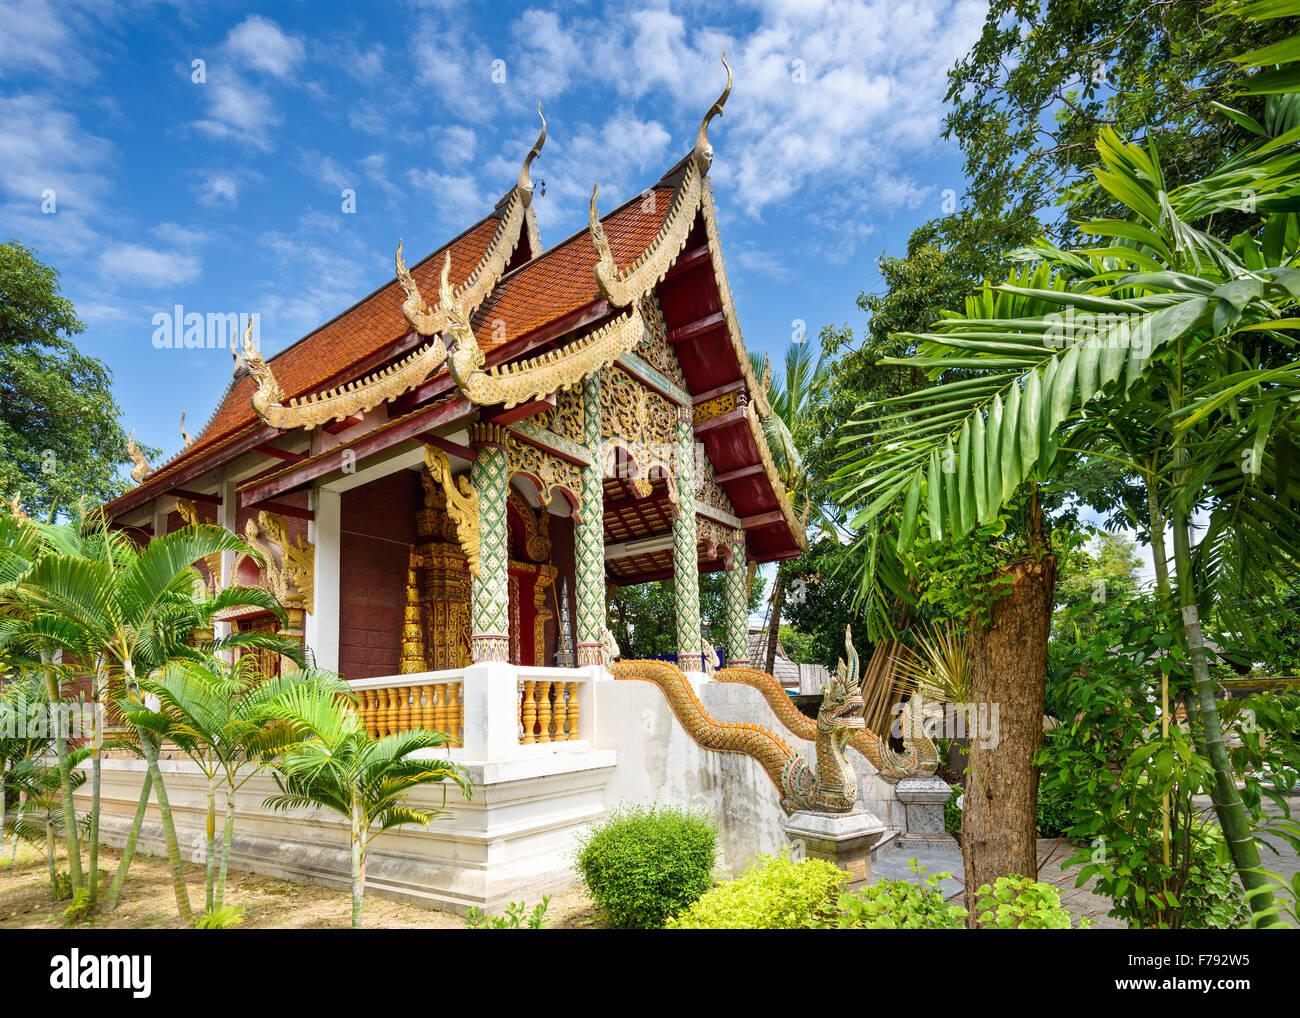 Chiang Mai, Tailandia templo pequeño edificio. Imagen De Stock